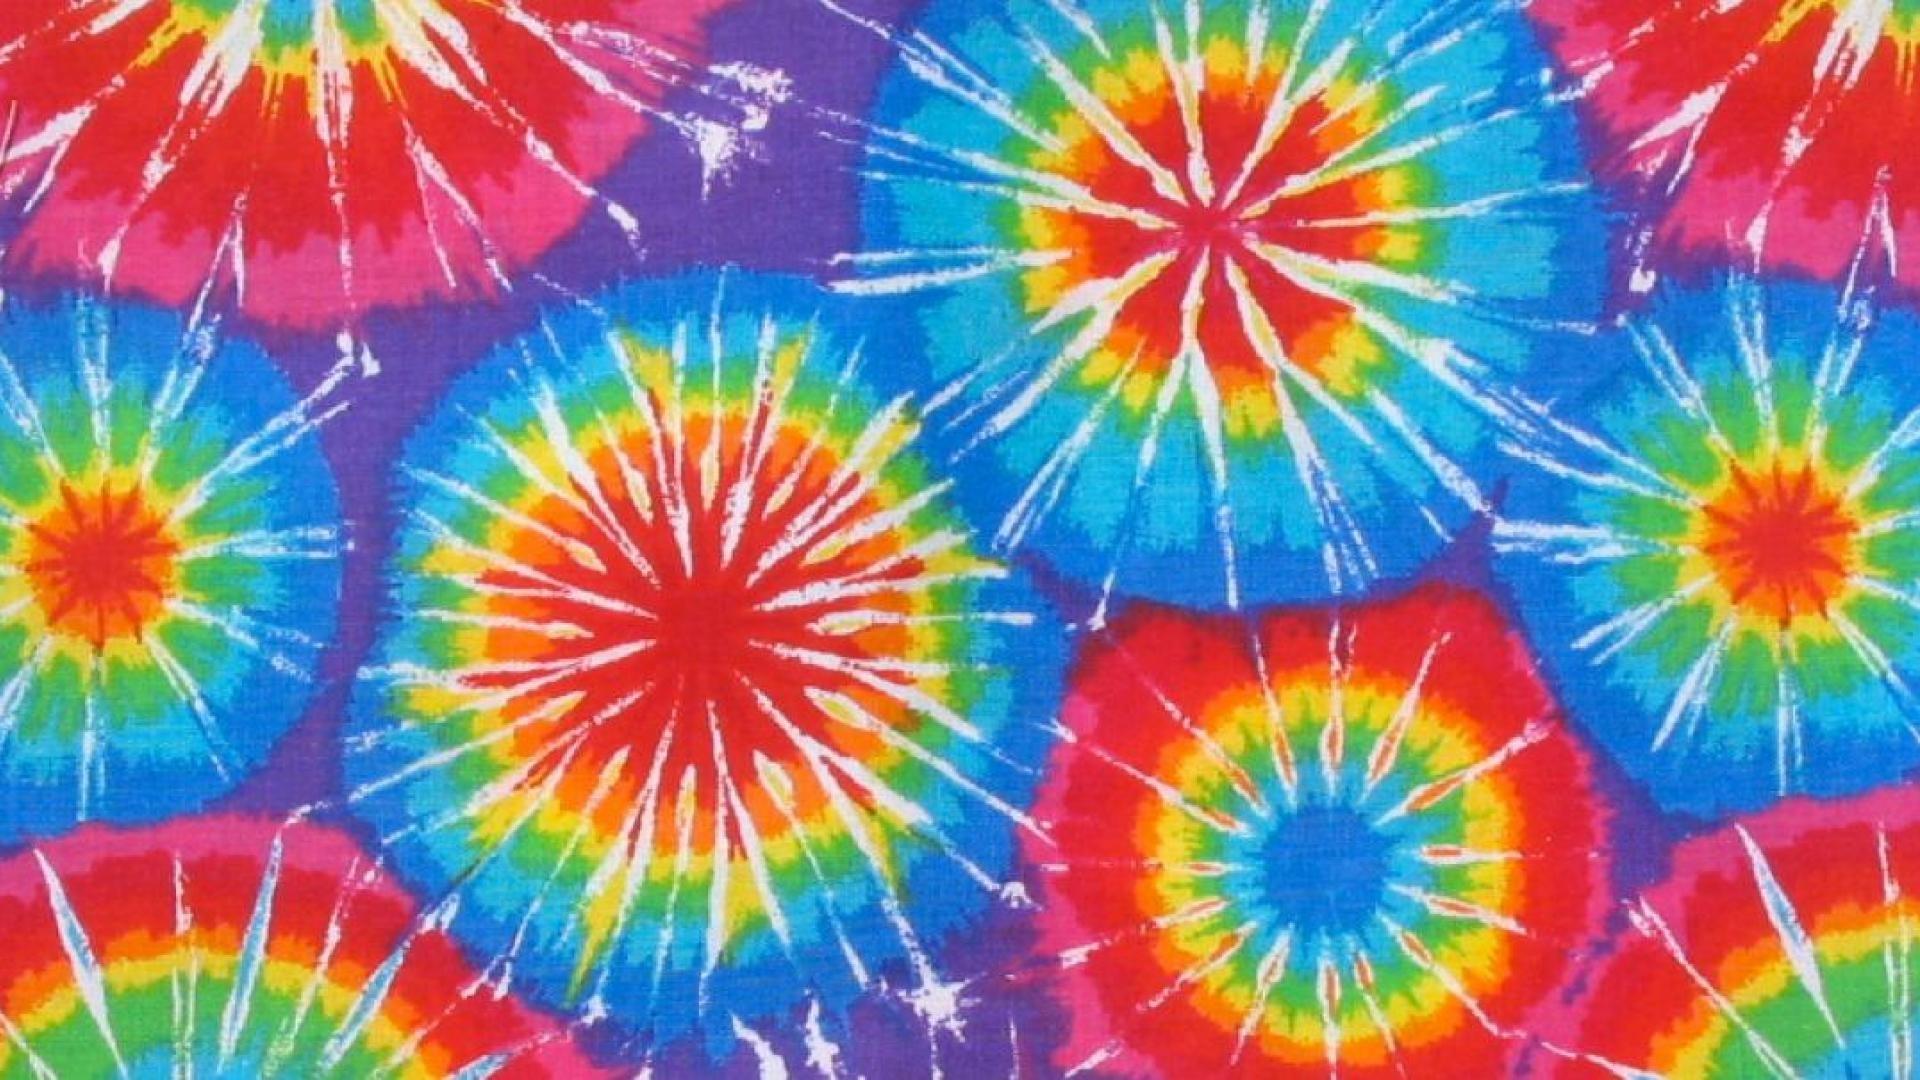 Fantastic Wallpaper Macbook Hippie - 45779  Trends_784129.jpg